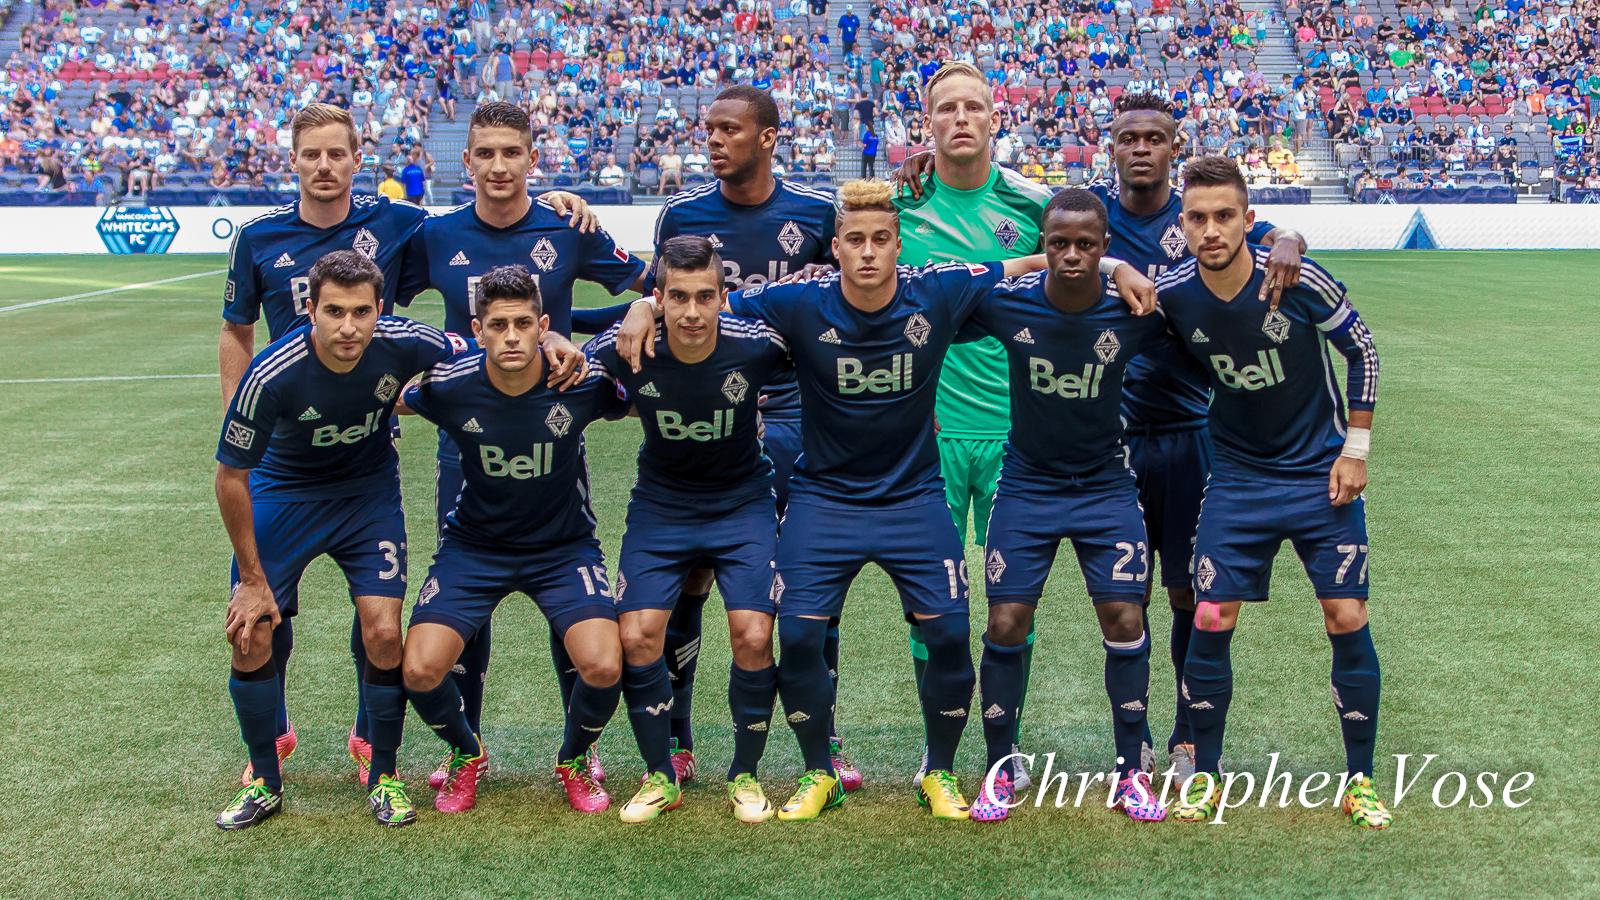 2014-07-14 Vancouver Whitecaps FC.jpg